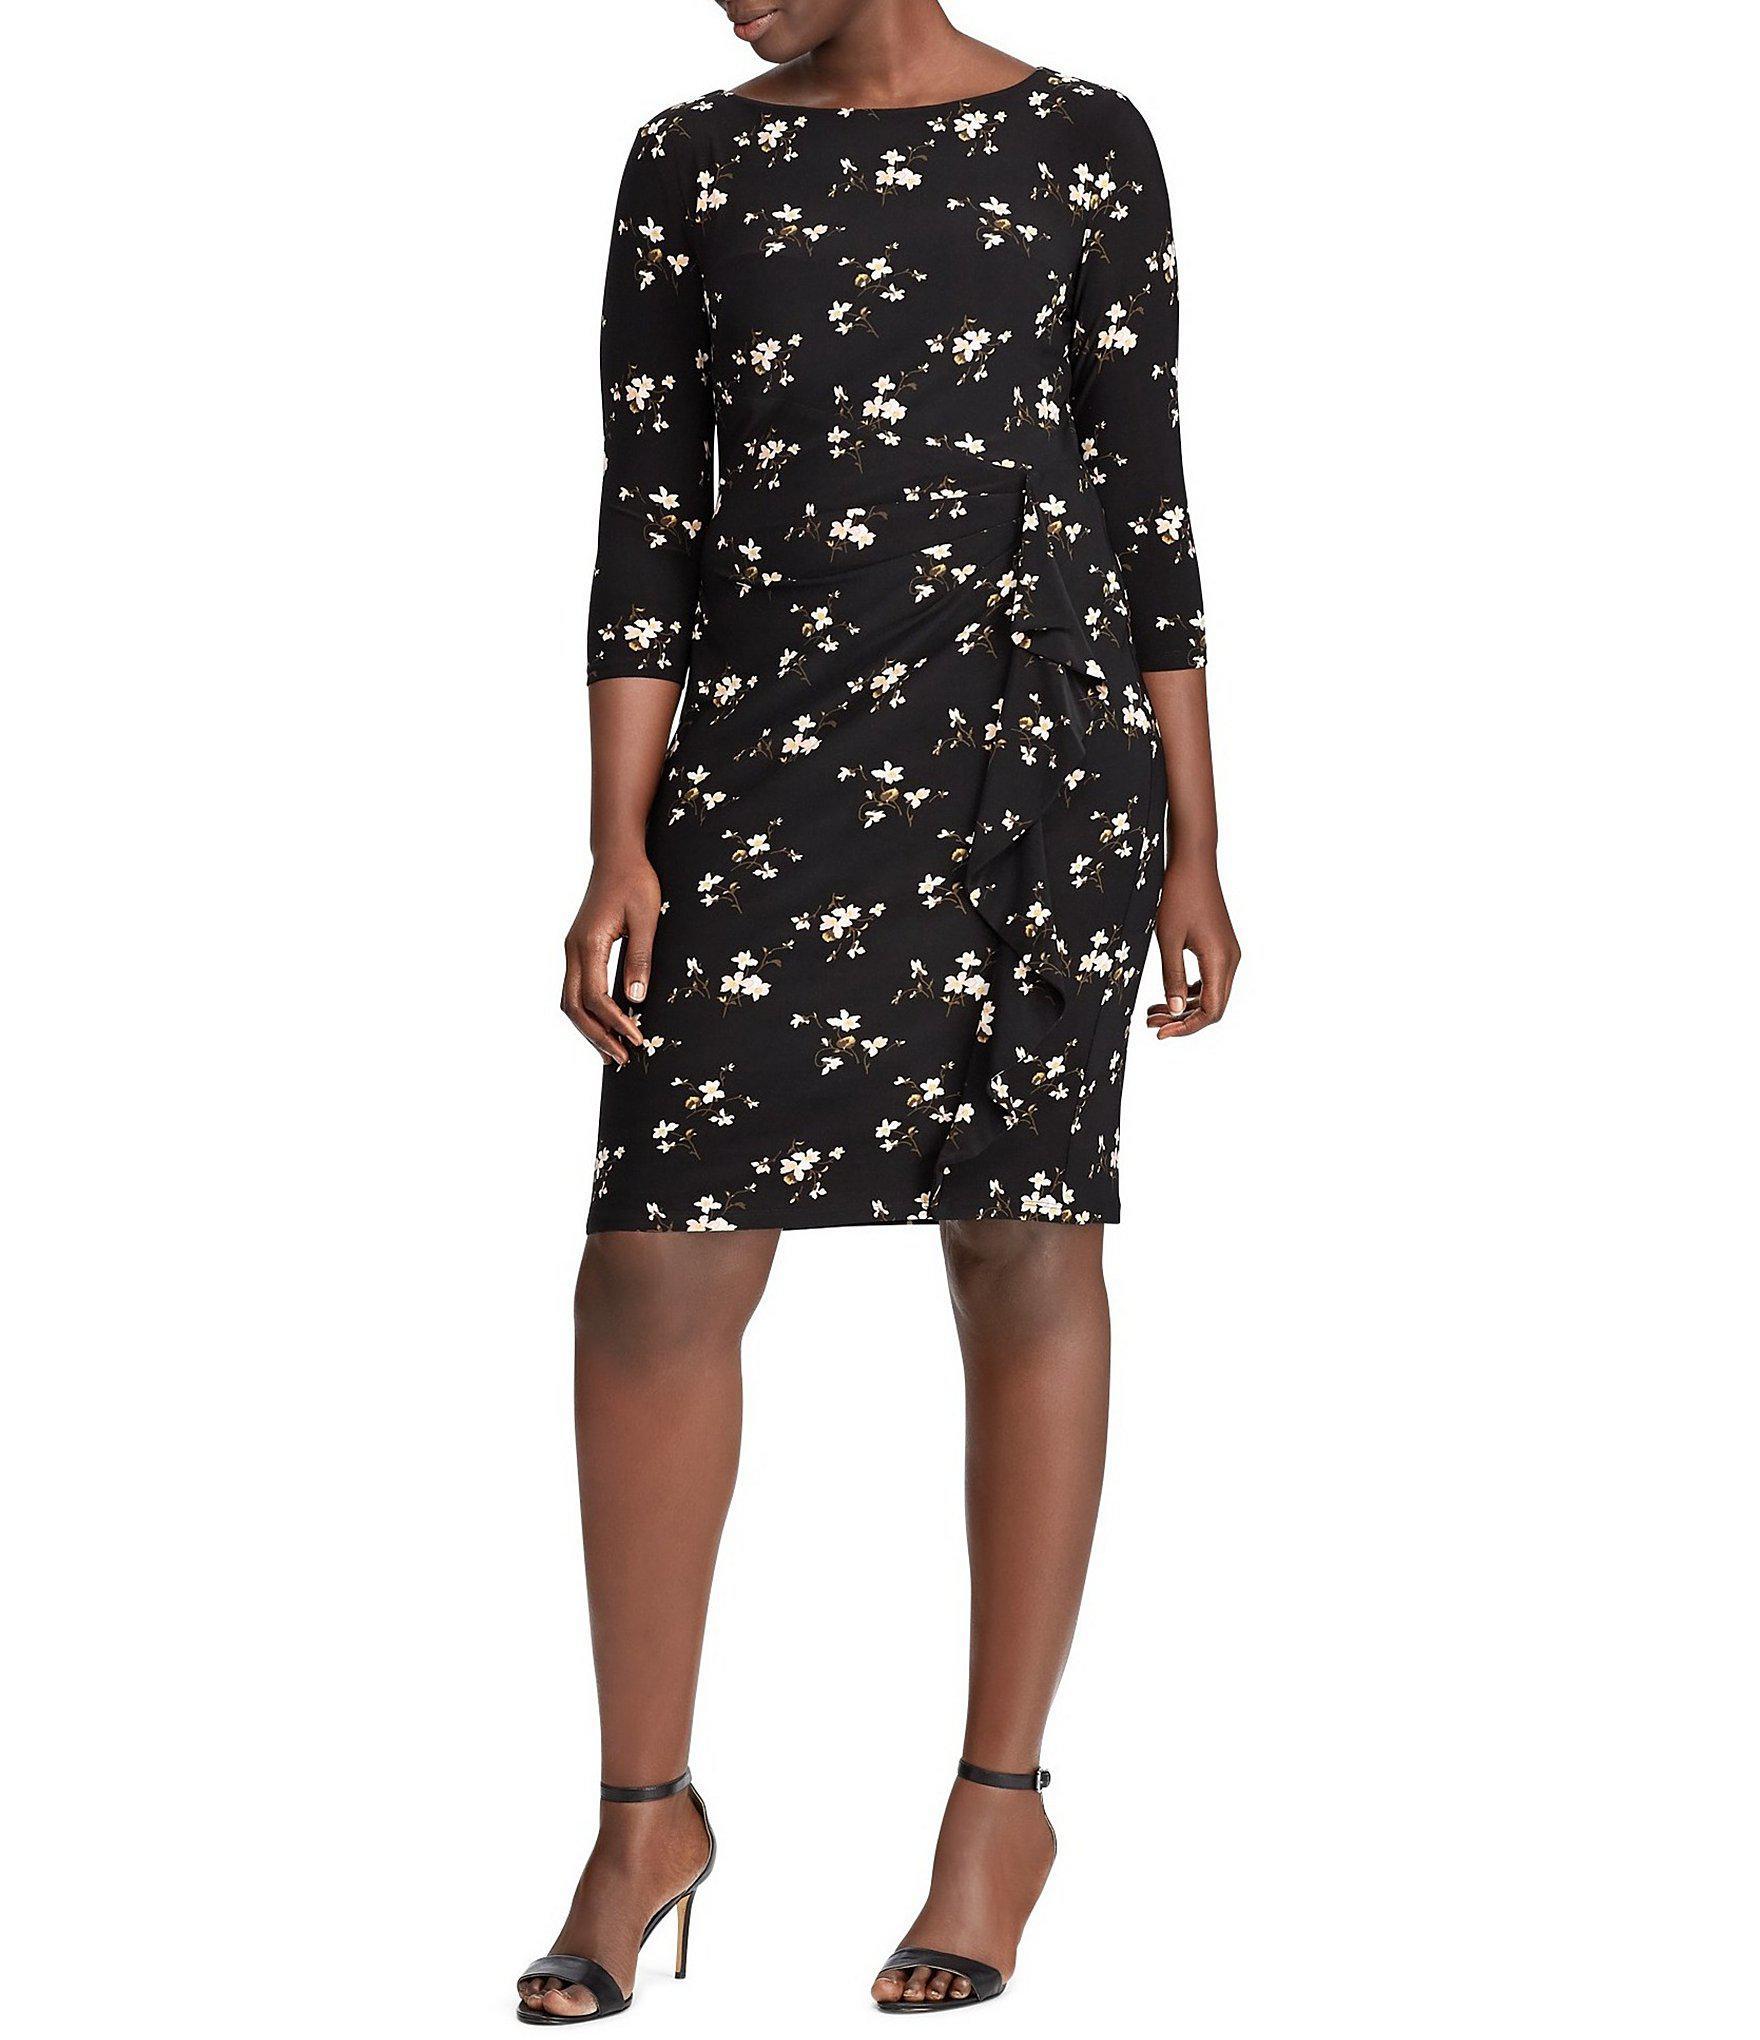 f45fc39792 Lauren by Ralph Lauren. Women s Black Plus-size Floral Print Jersey Dress